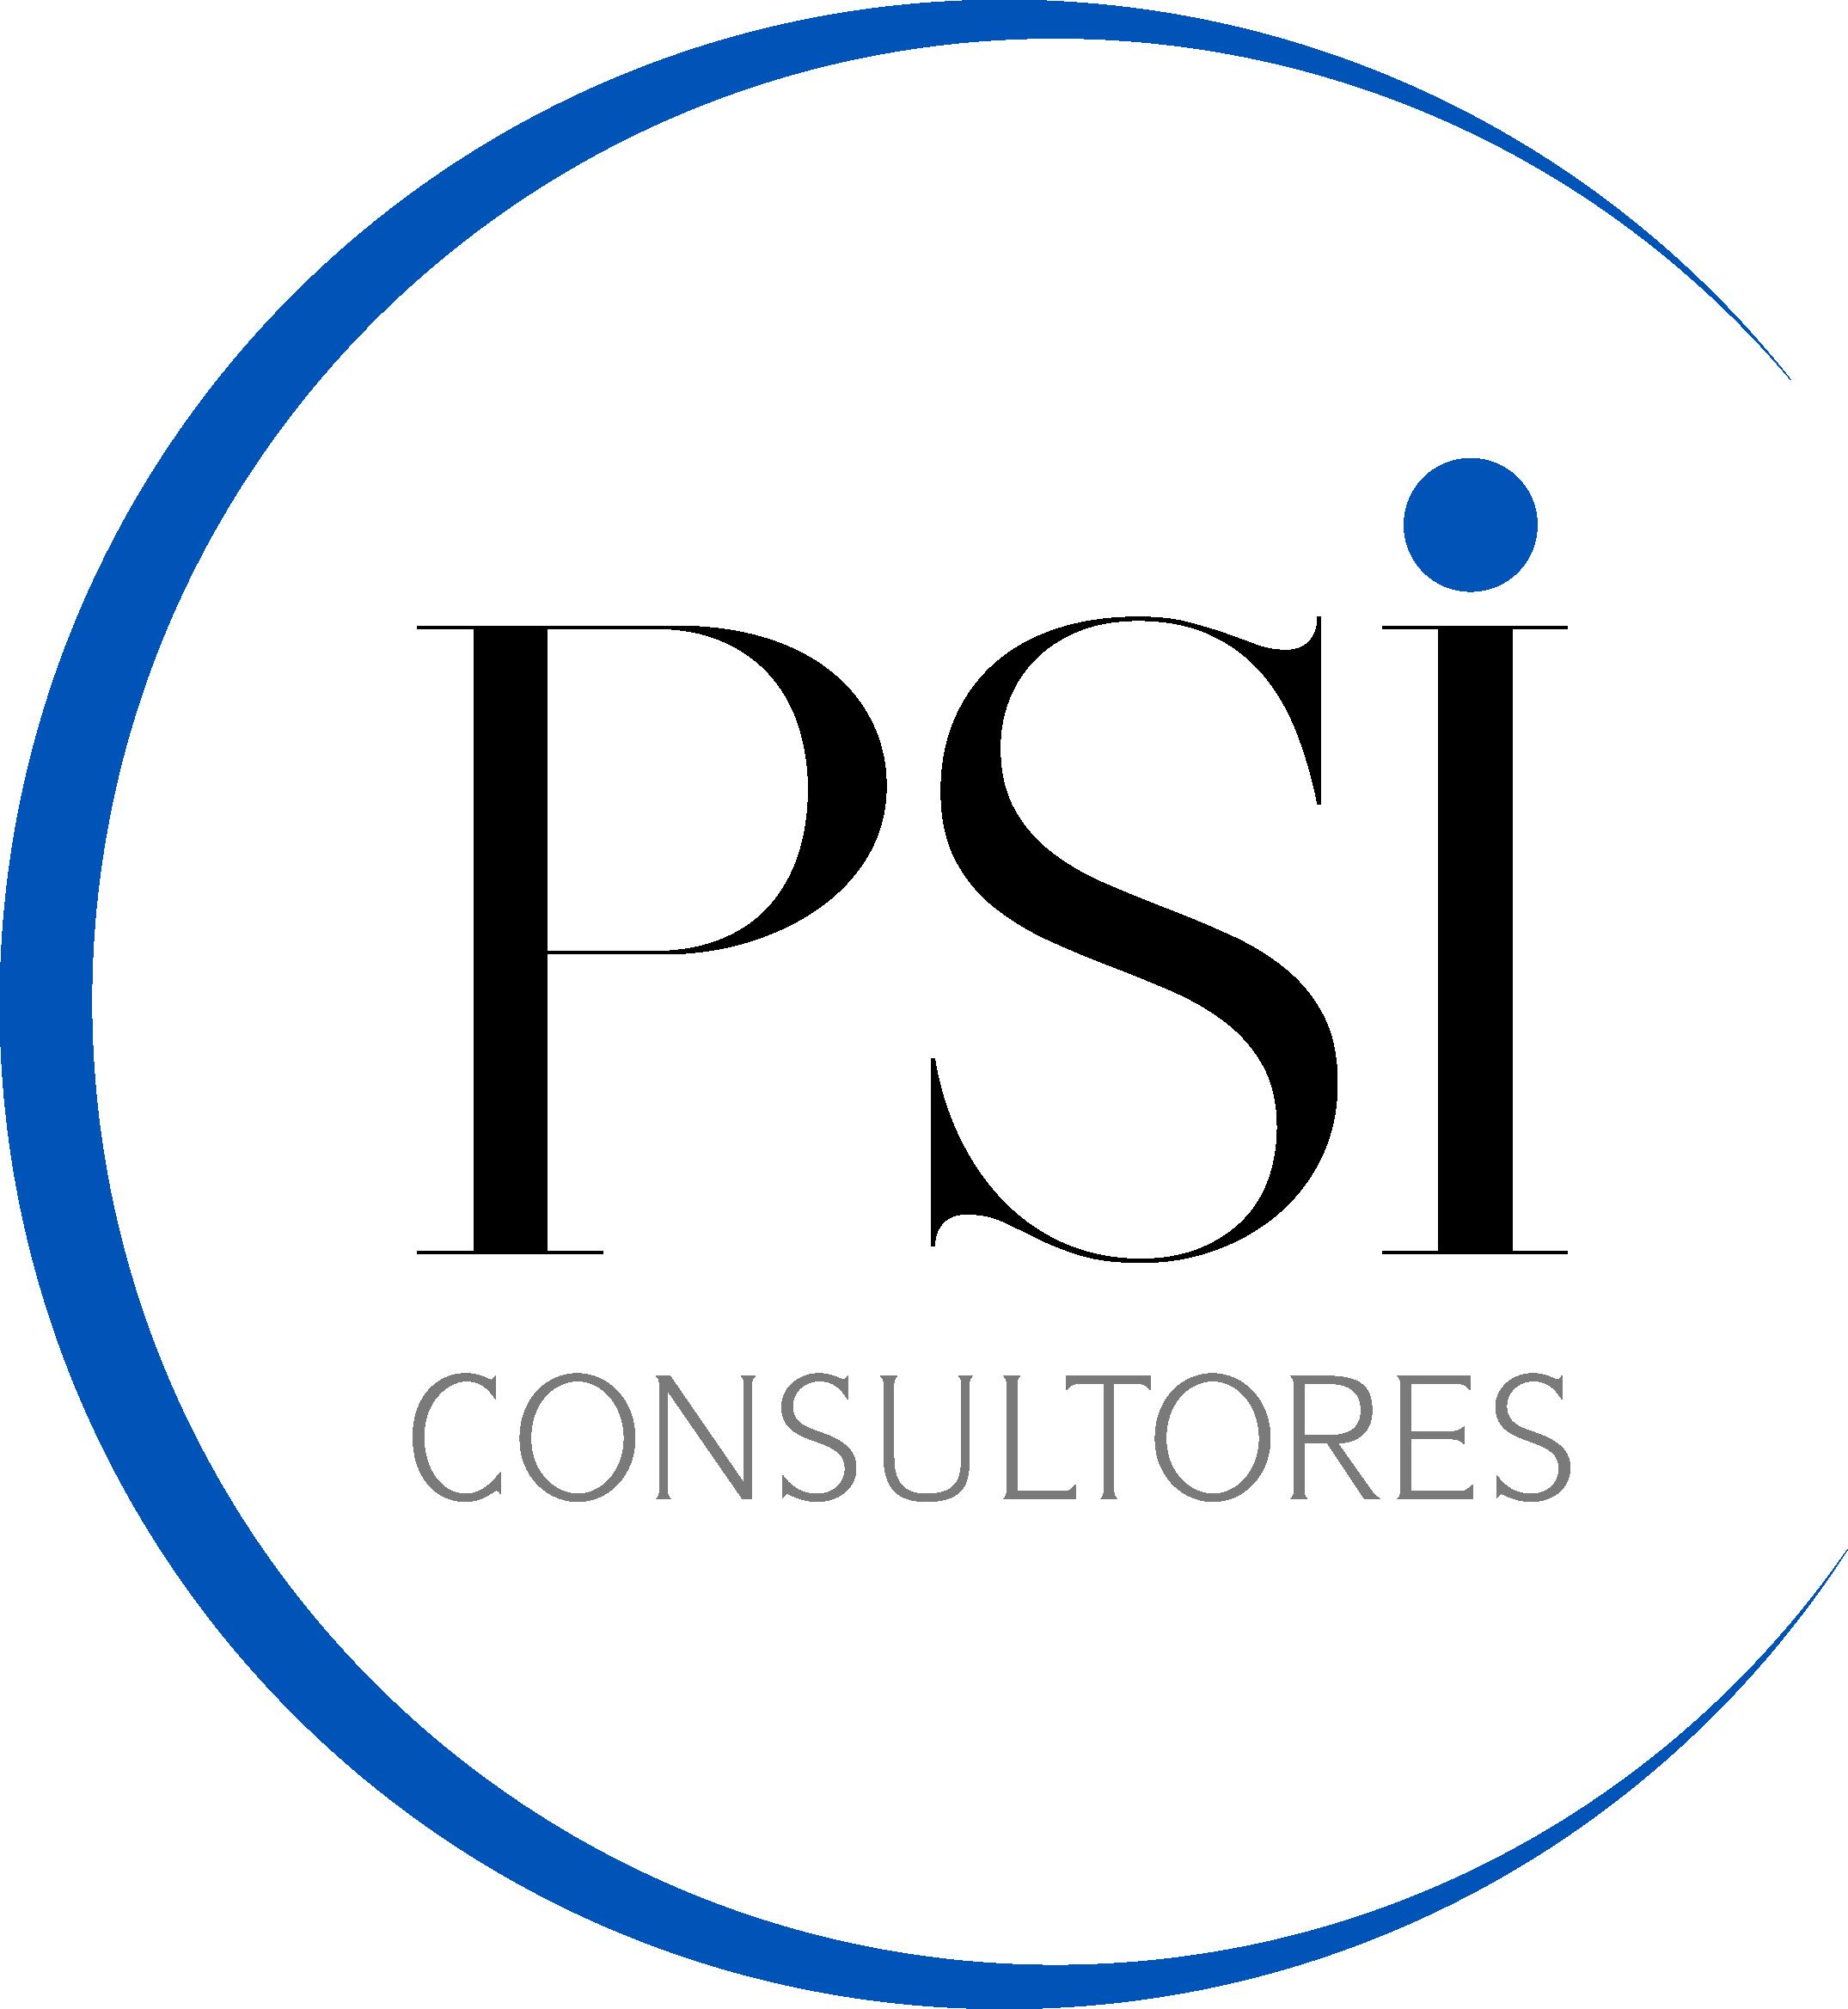 PSI Consultores